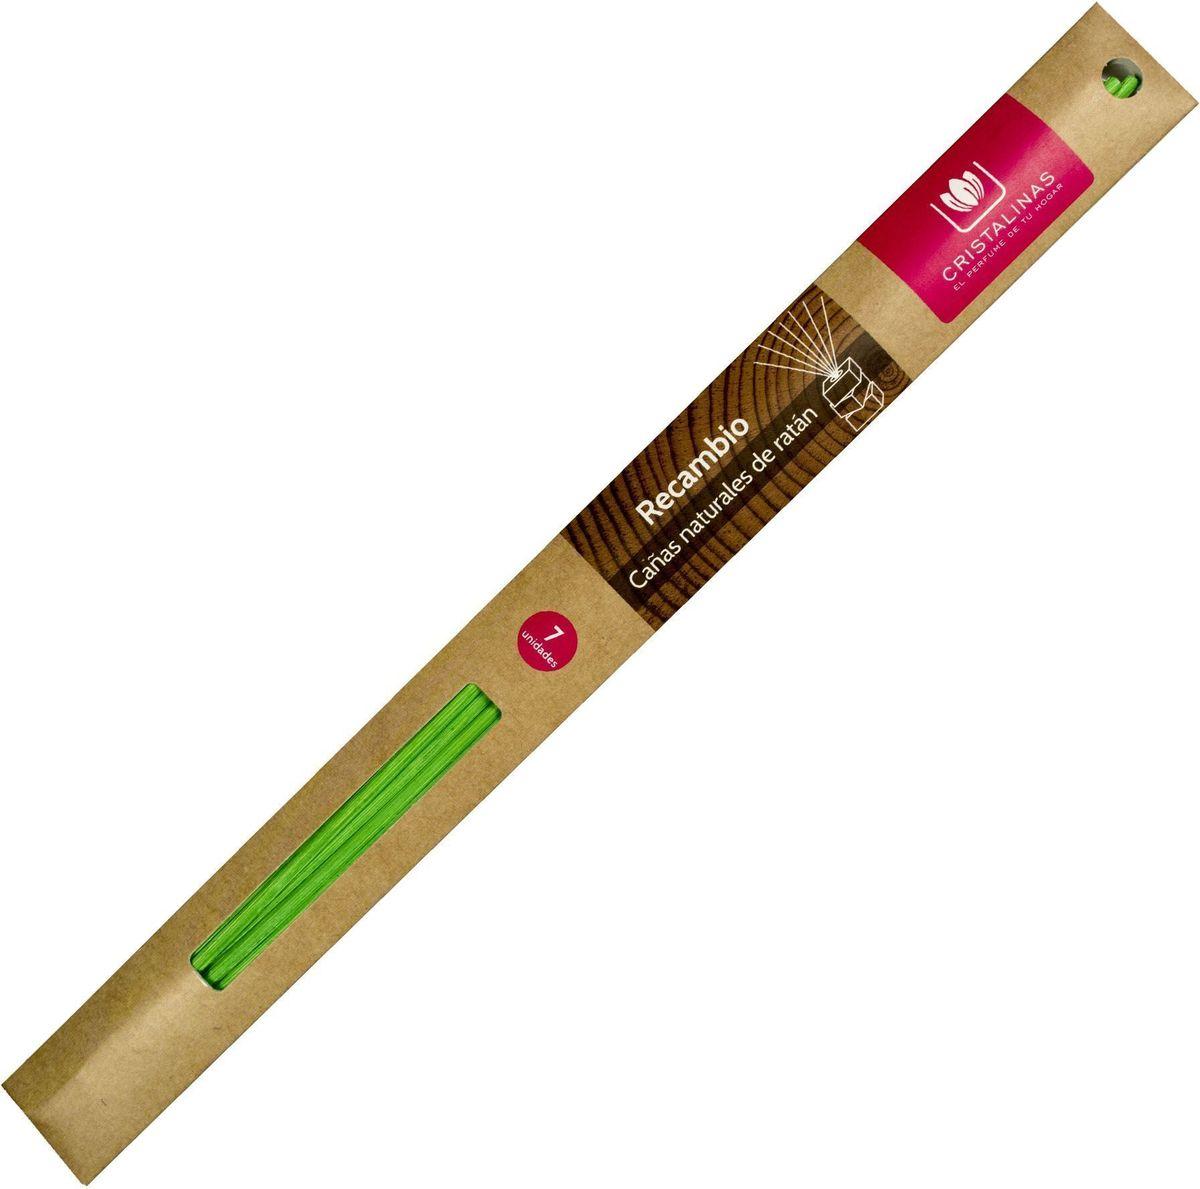 Палочки ротанговые Cristalinas Natural Wood, цвет: зеленый, 7 шт.10503Главный атрибут любого арома-диффузора – это ротанговые палочки. Благодаря их особой пористой структуре ароматическое масло хорошо впитывается, затем поднимается из флакона вверх, наполняя помещение приятным ароматом. Можно использовать разное количество палочек, регулируя интенсивность аромата. Ротанговые палочки Cristalinas созданы из натурального дерева. Способ применения: поместить необходимое количество ротанговых палочек во флакон. Рекомендуется периодически переворачивать палочки для повышения интенсивности аромата. Состав: материал – ротанг.